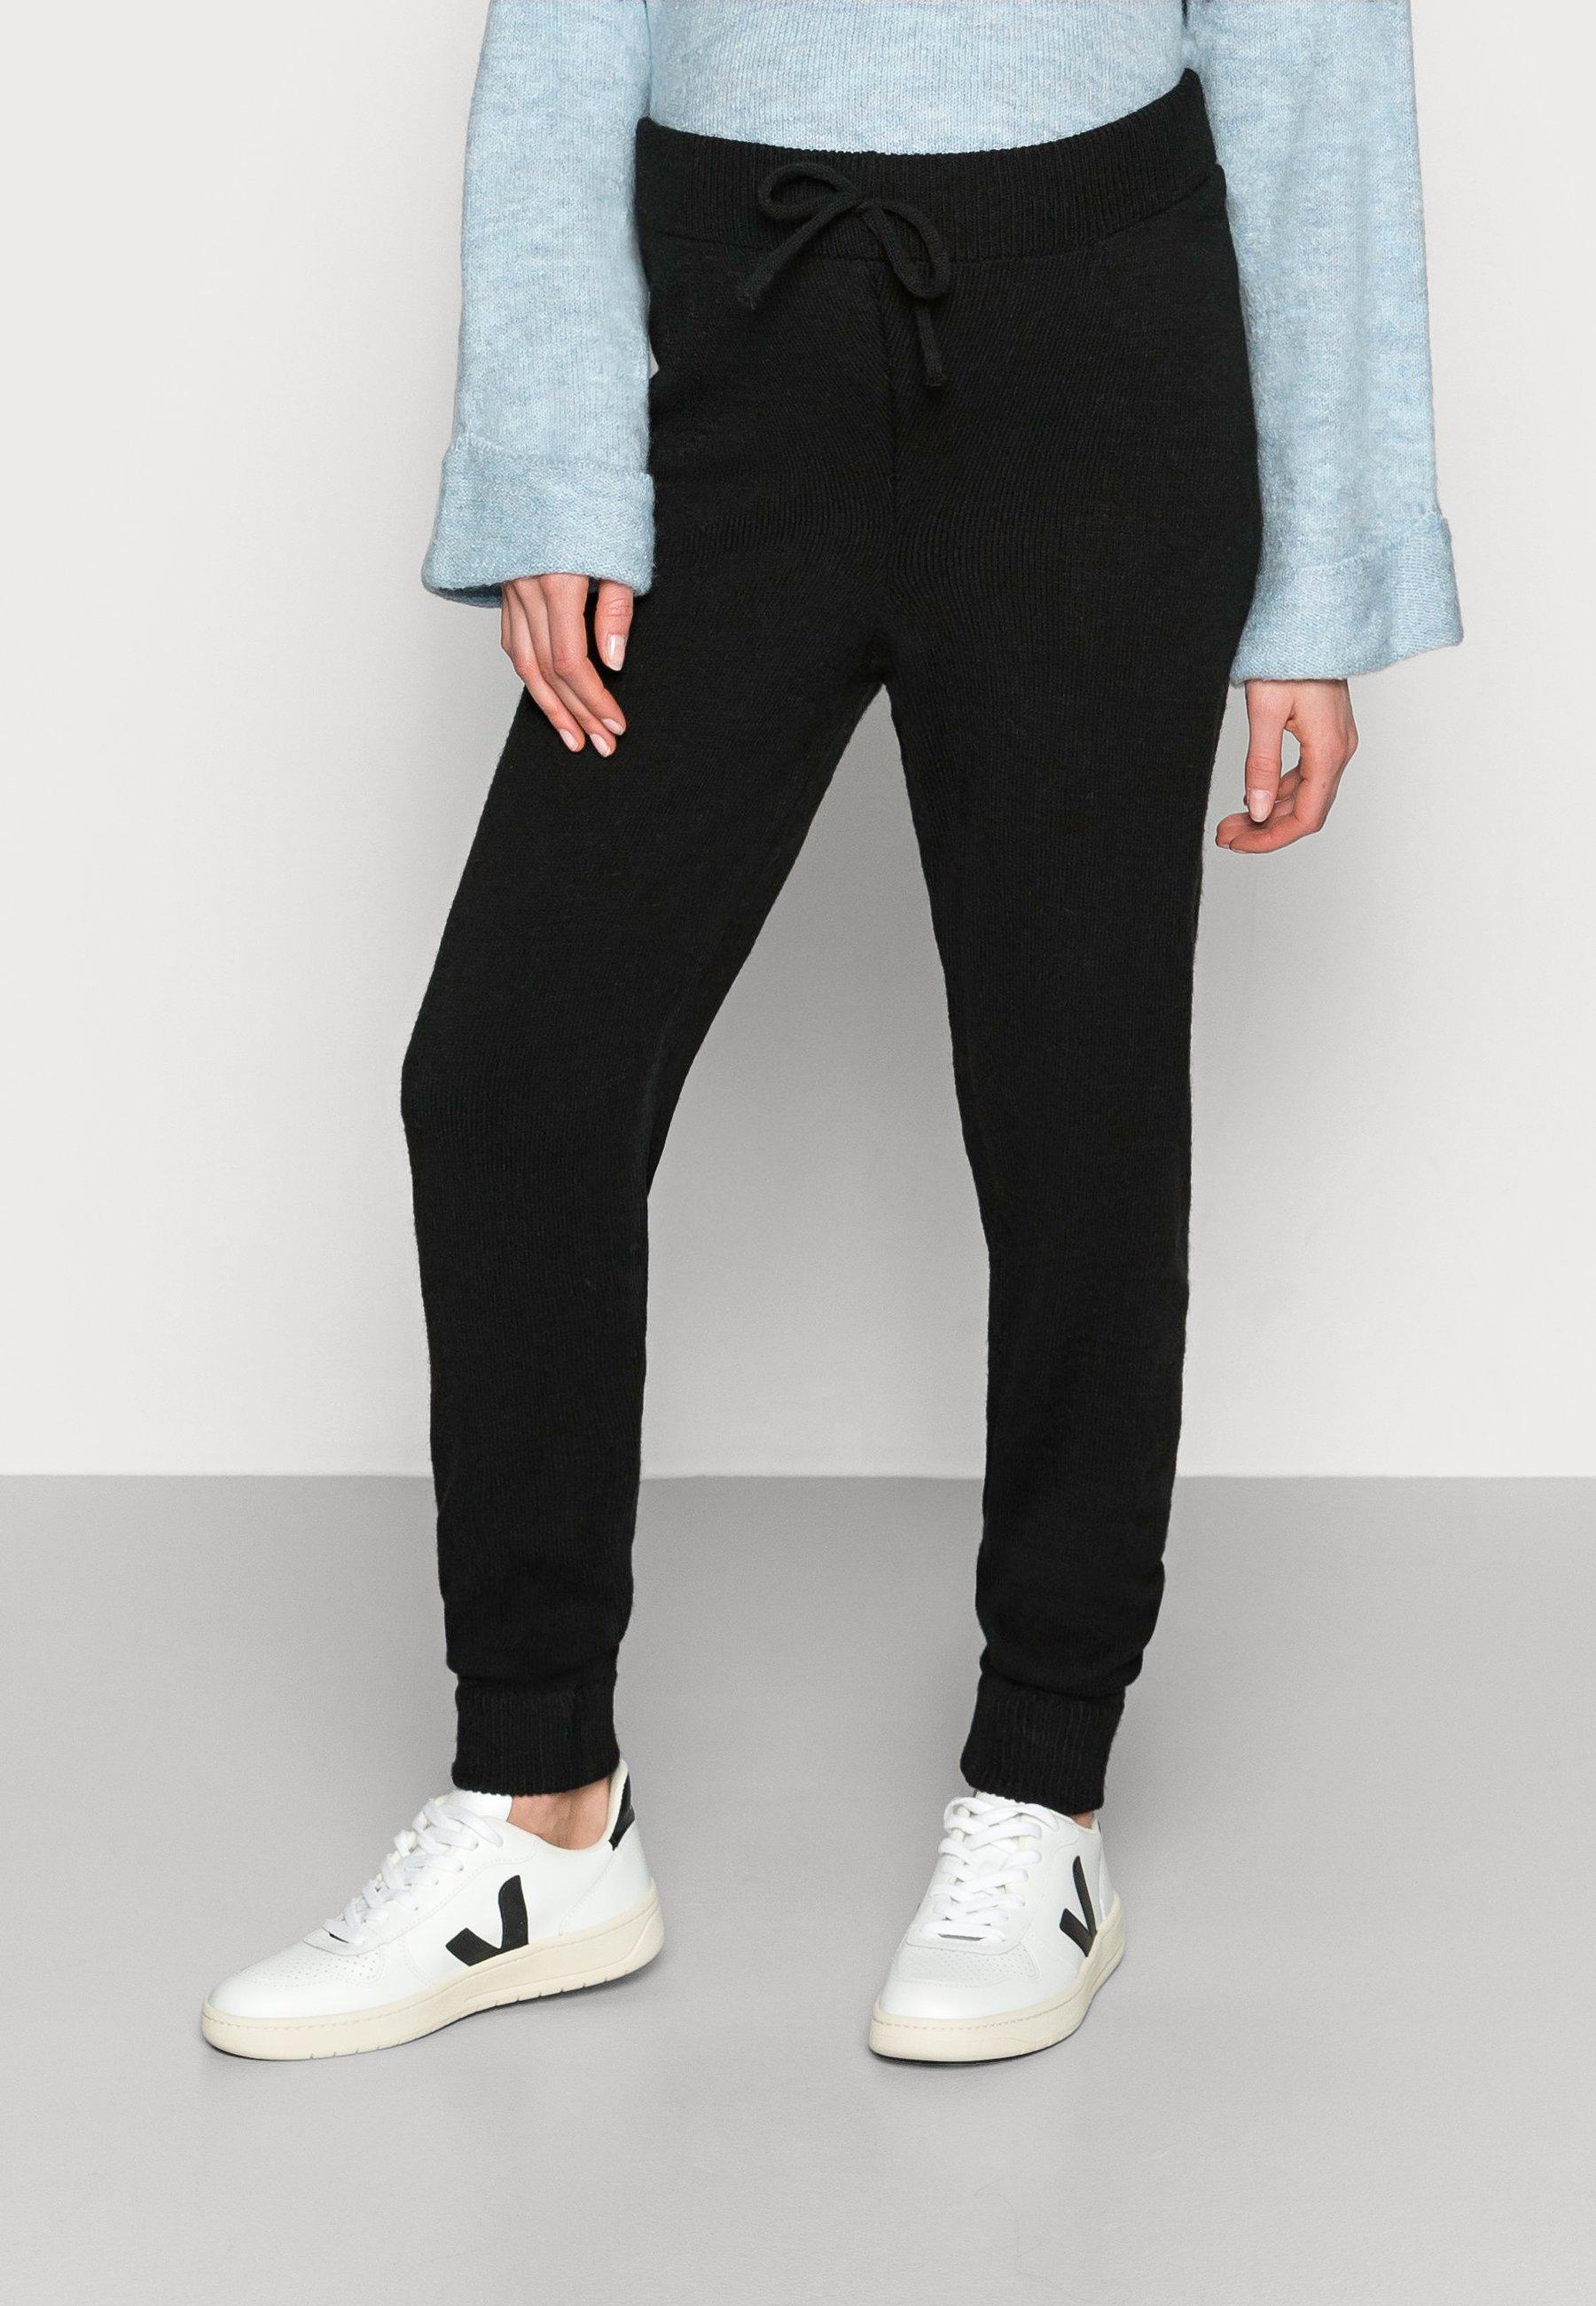 Femme LOUNGE JOGGER - Pantalon de survêtement